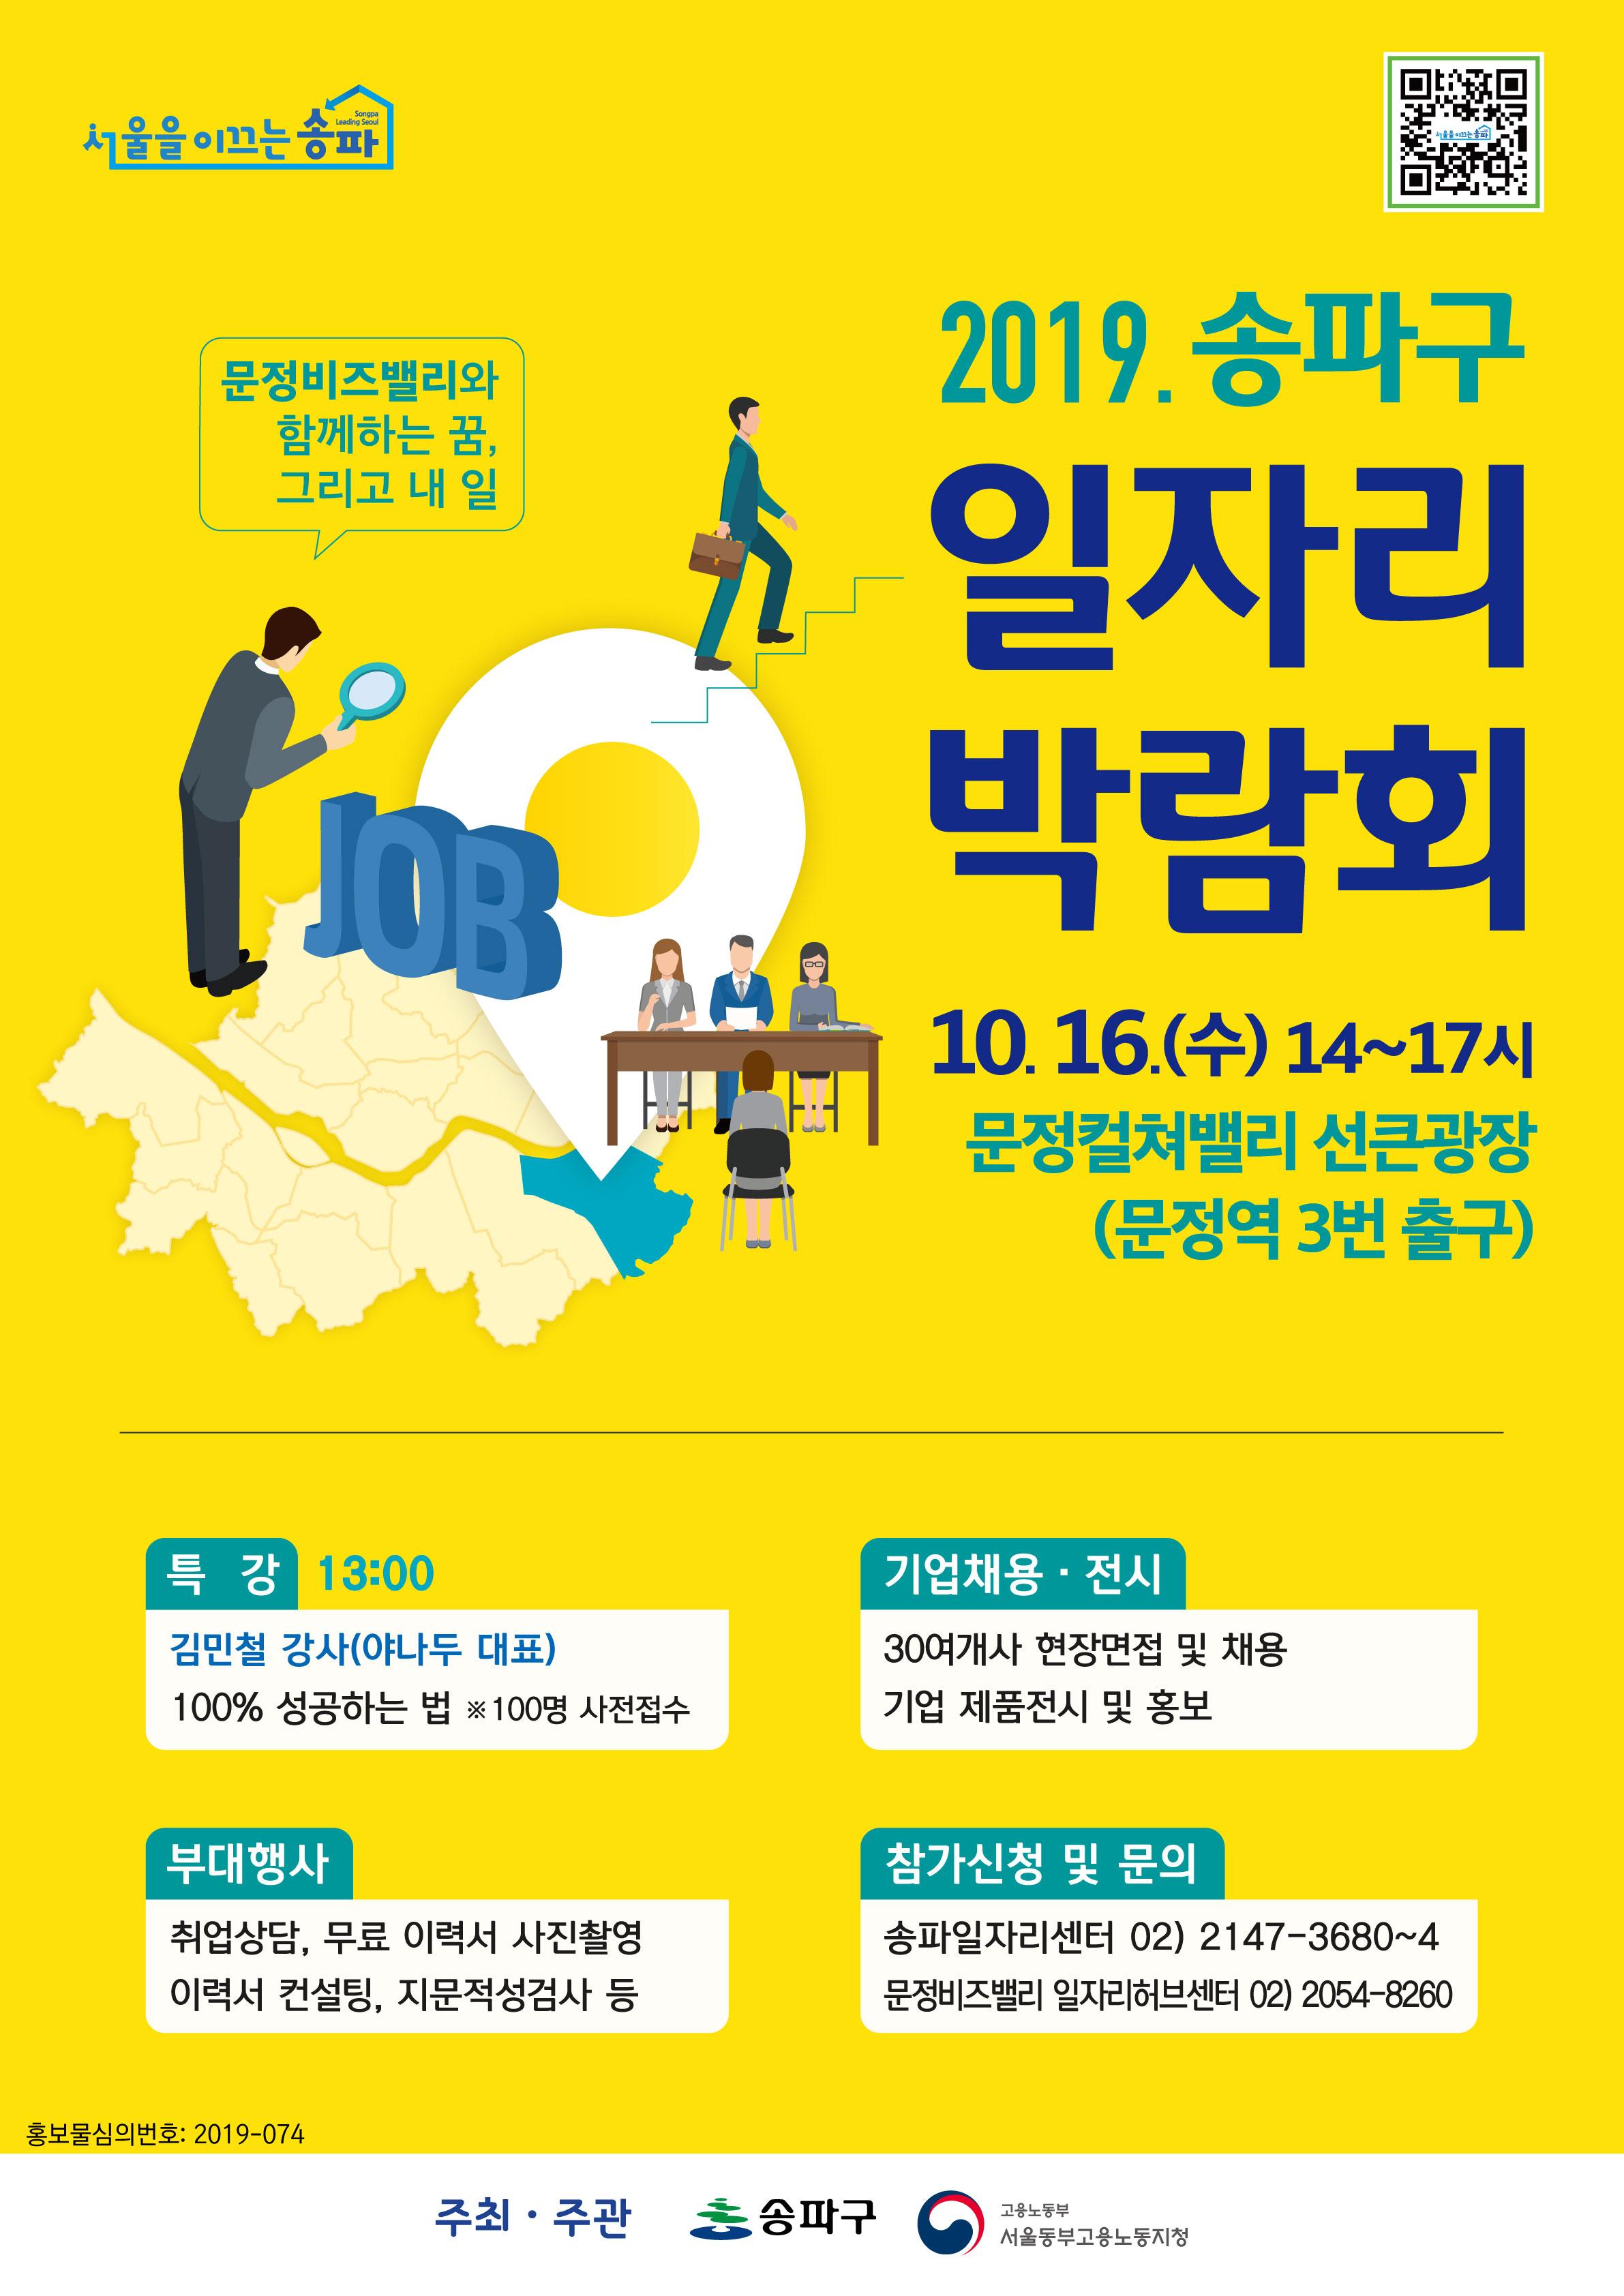 송파구 일자리 박람회